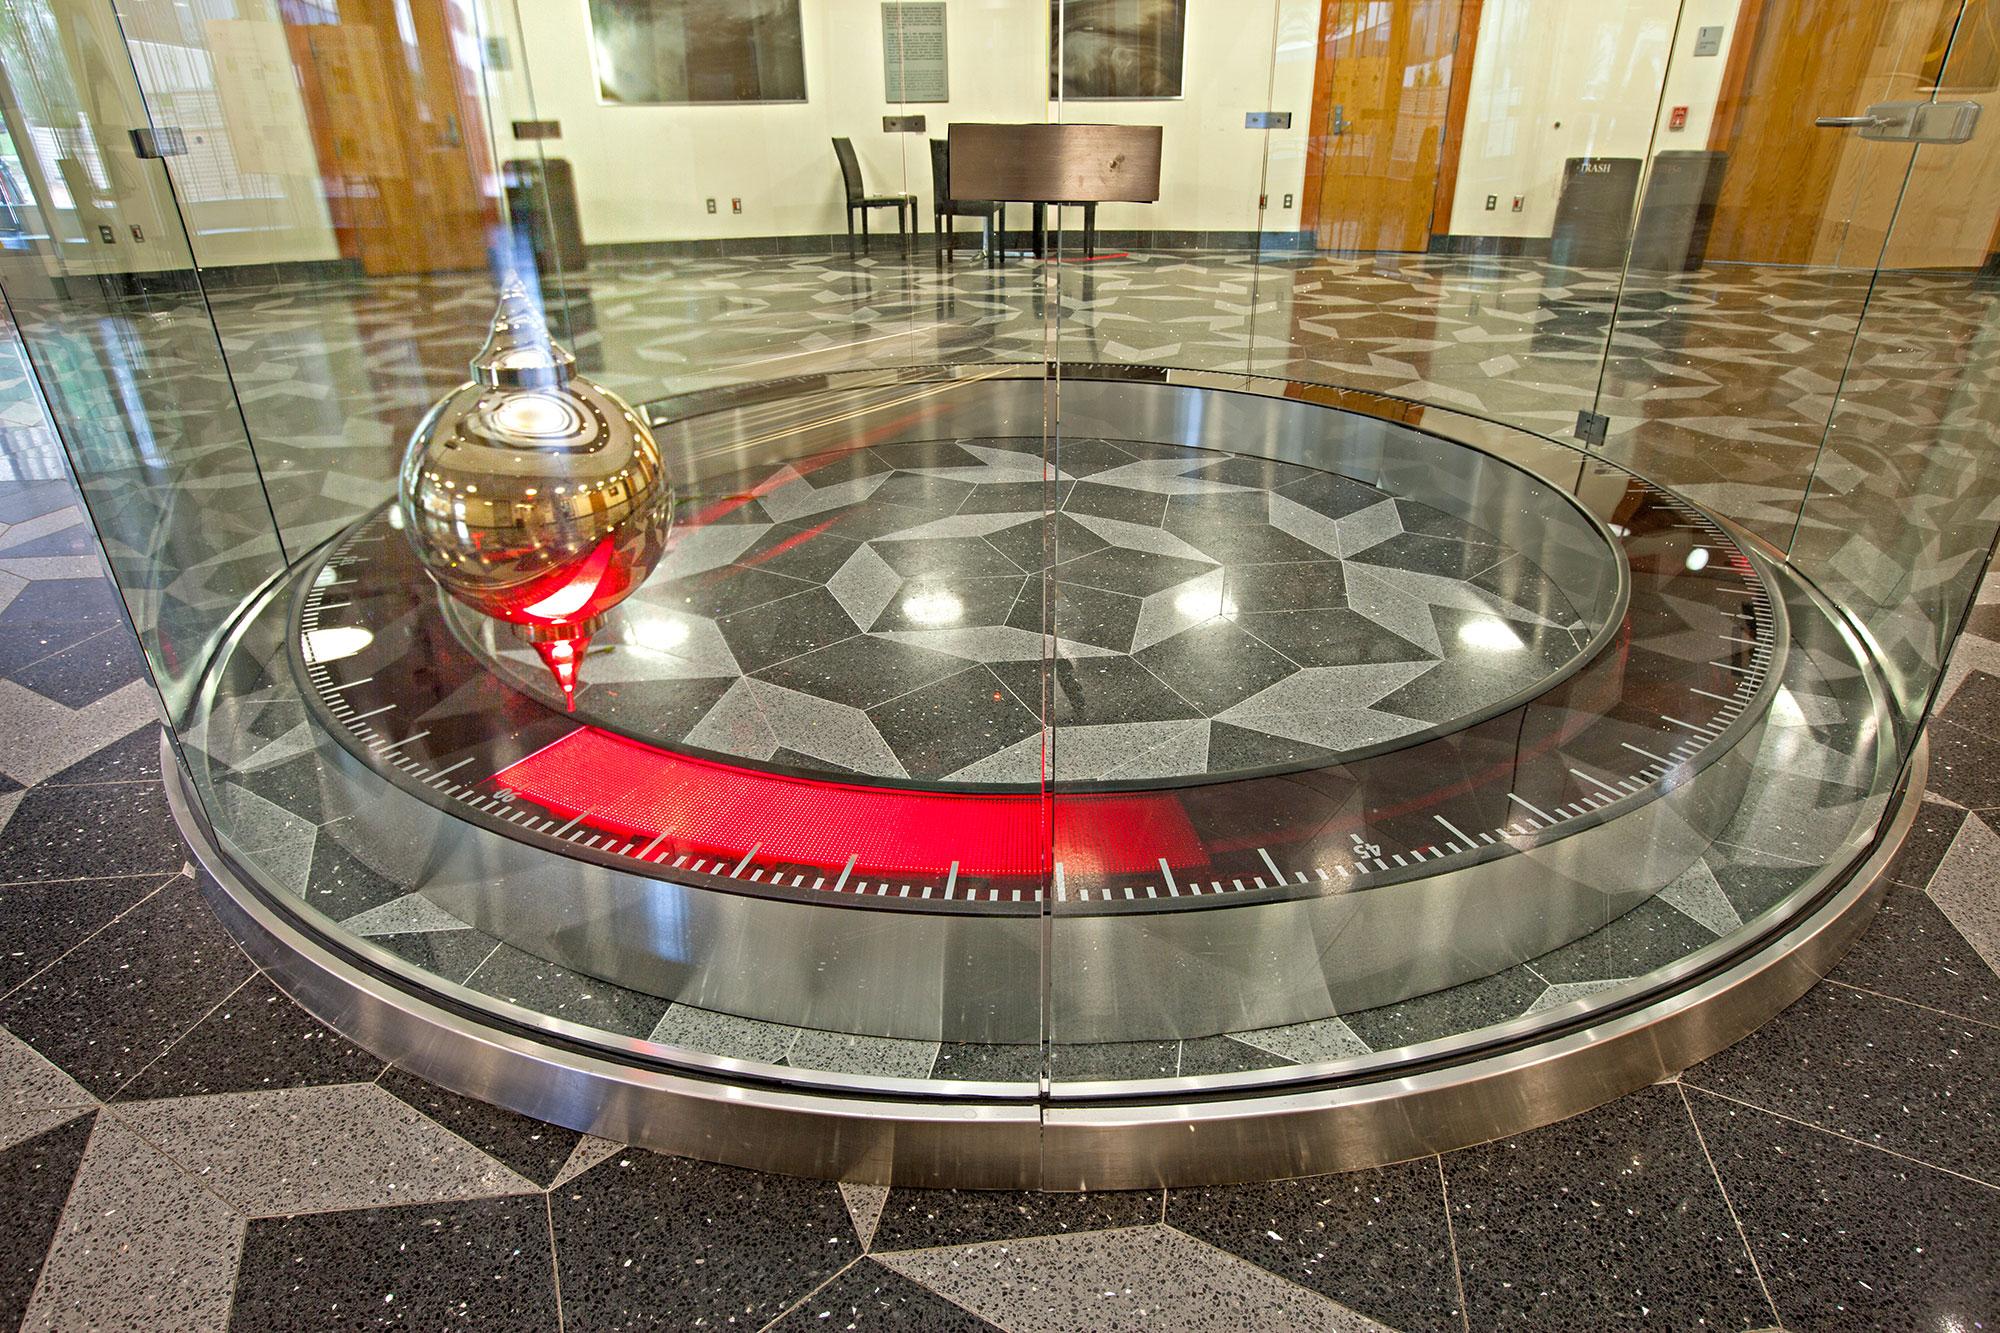 83-foot Foucault pendulum swinging in the Mitchell Institute (MIST) atrium